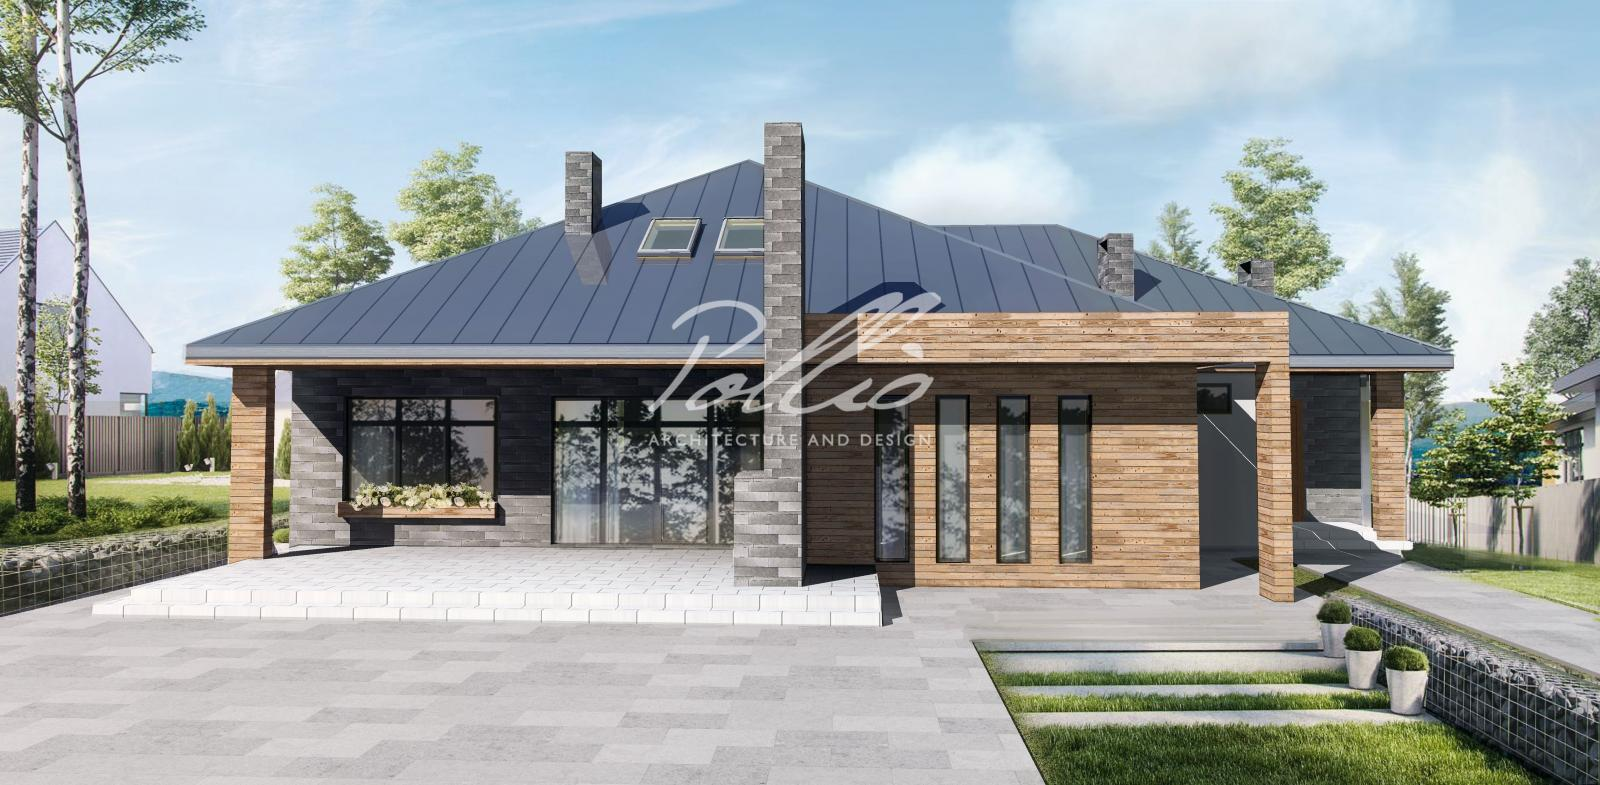 X12a Уменьшенный вариант лучшего одноэтажного дома фото 2